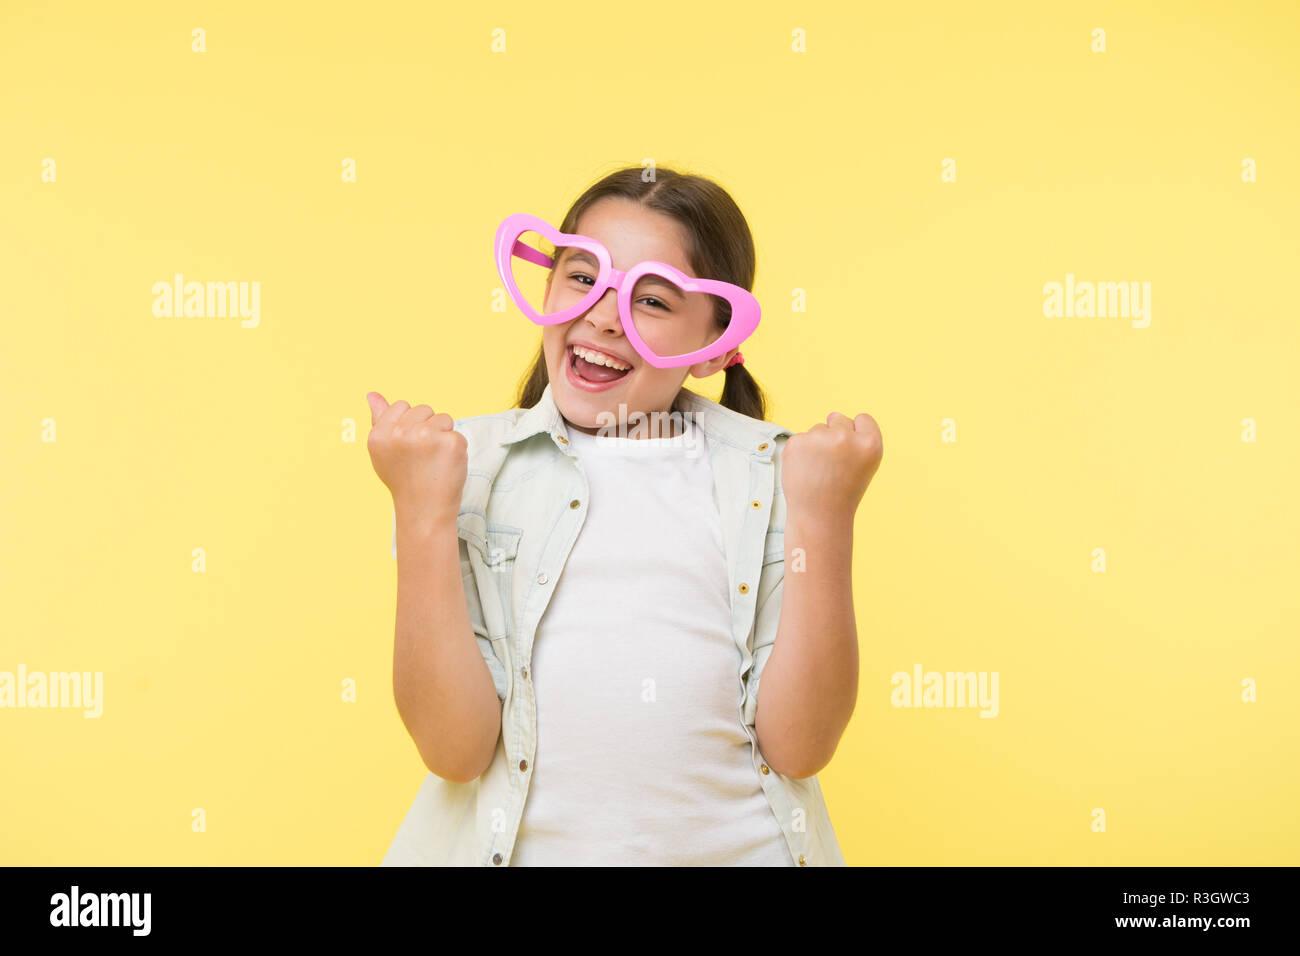 194f9b337ea783 Heureux l enfant porter des lunettes en forme de coeur sur fond jaune.  Petite